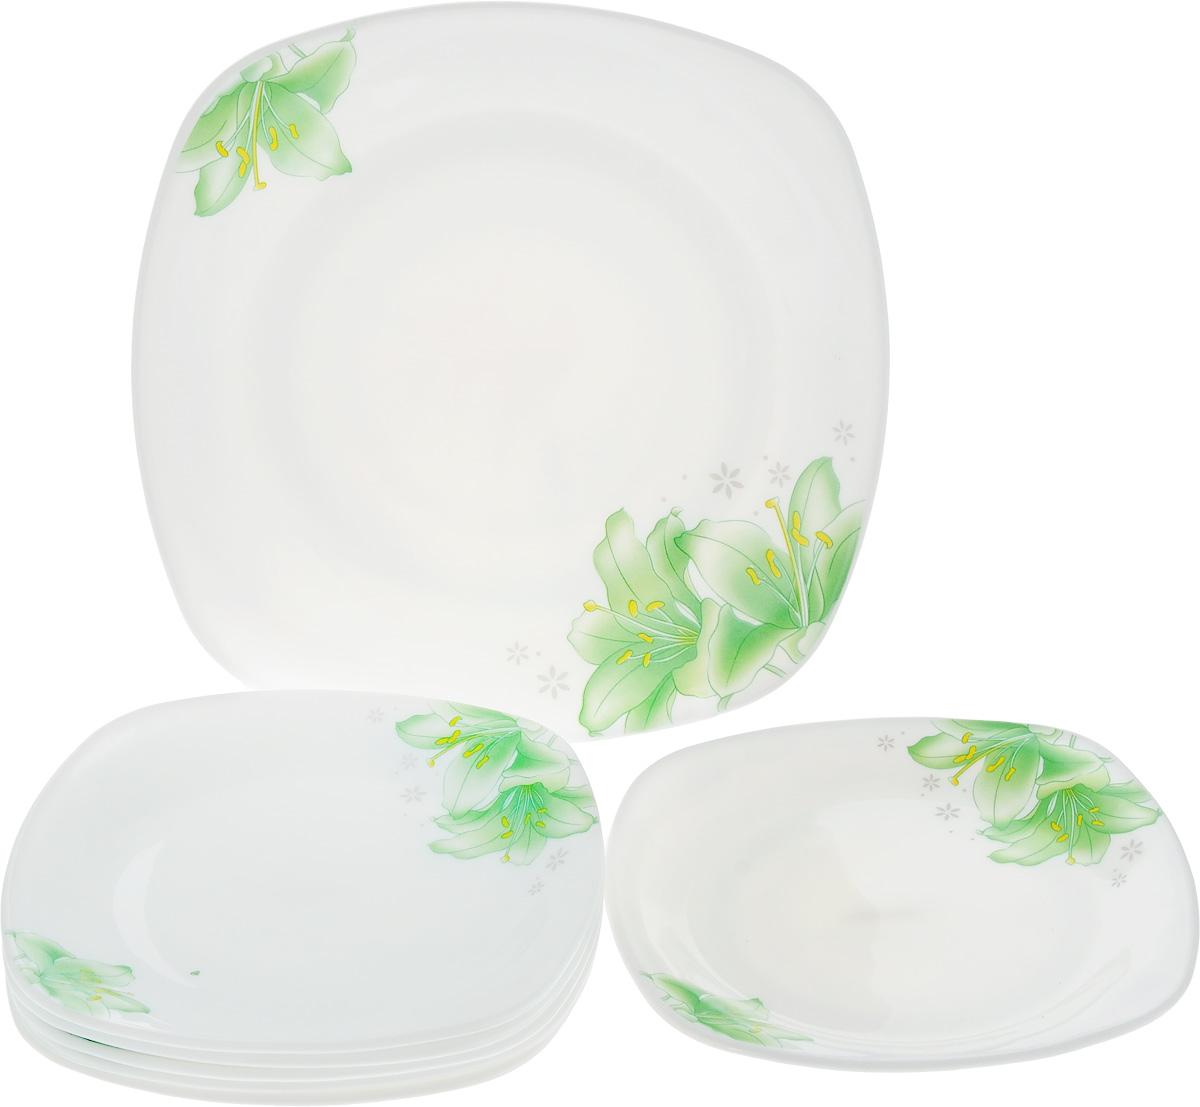 Набор тарелок Loraine, 7 шт. 23689VT-1520(SR)Набор Loraine состоит из 6 десертных тарелок и 1 блюда. Изделия, выполненные из прочного стекла, оформлены ярким рисунком цветов и имеют квадратную форму. Посуда отличается прочностью, гигиеничностью и долгим сроком службы, она устойчива к появлению царапин и резким перепадам температур. Такой набор прекрасно подойдет как для повседневного использования, так и для праздников или особенных случаев. Можно мыть в посудомоечной машине и использовать в микроволновой печи. Размер блюда: 26 х 26 х 3 см. Размер десертной тарелки: 19 х 19 х 2 см.